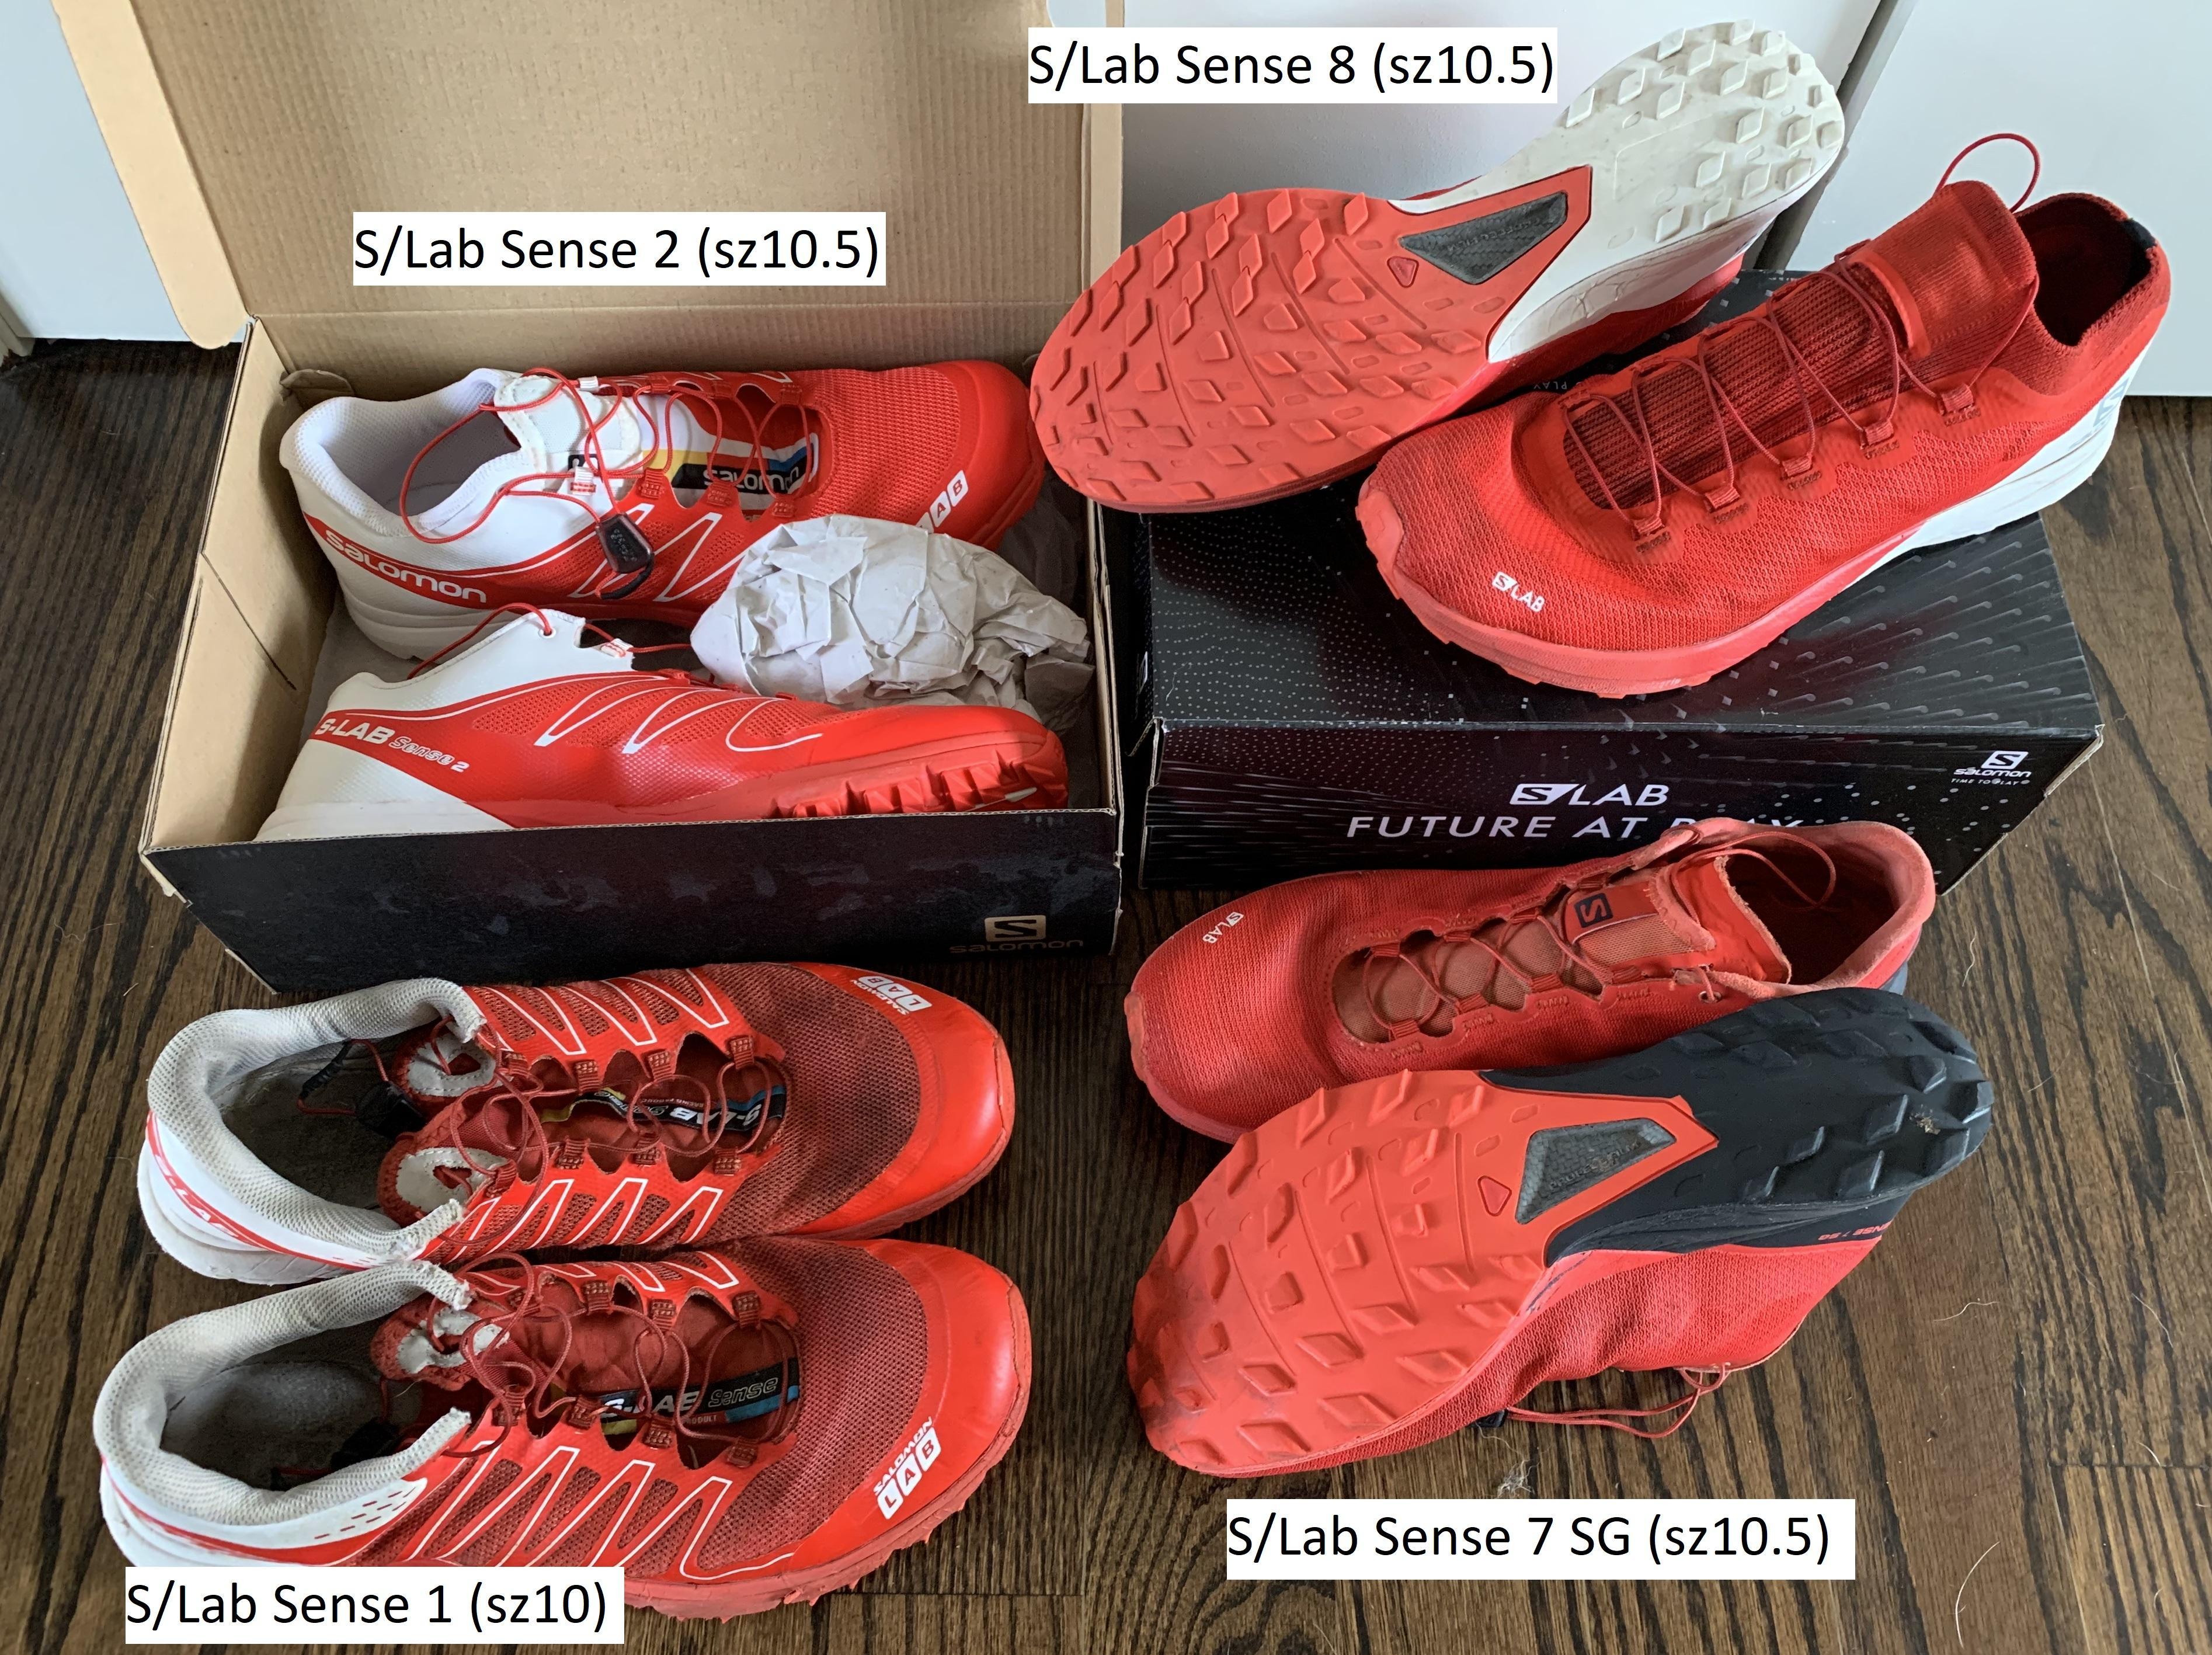 Salomon shoes